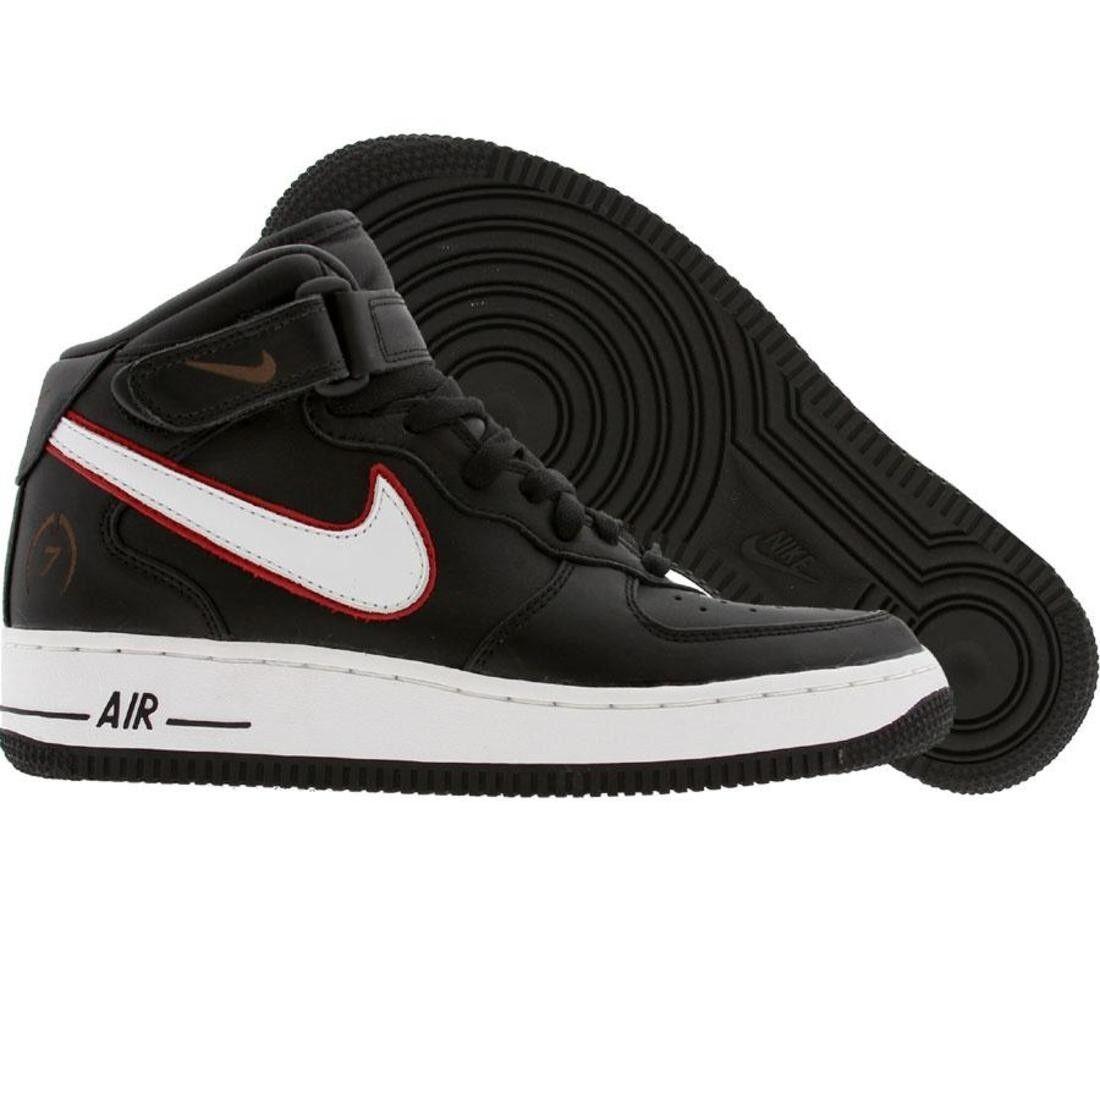 309062-011 Nike LTD Air Force 1 Mid LTD Nike (Michael Vick Edition) 109328